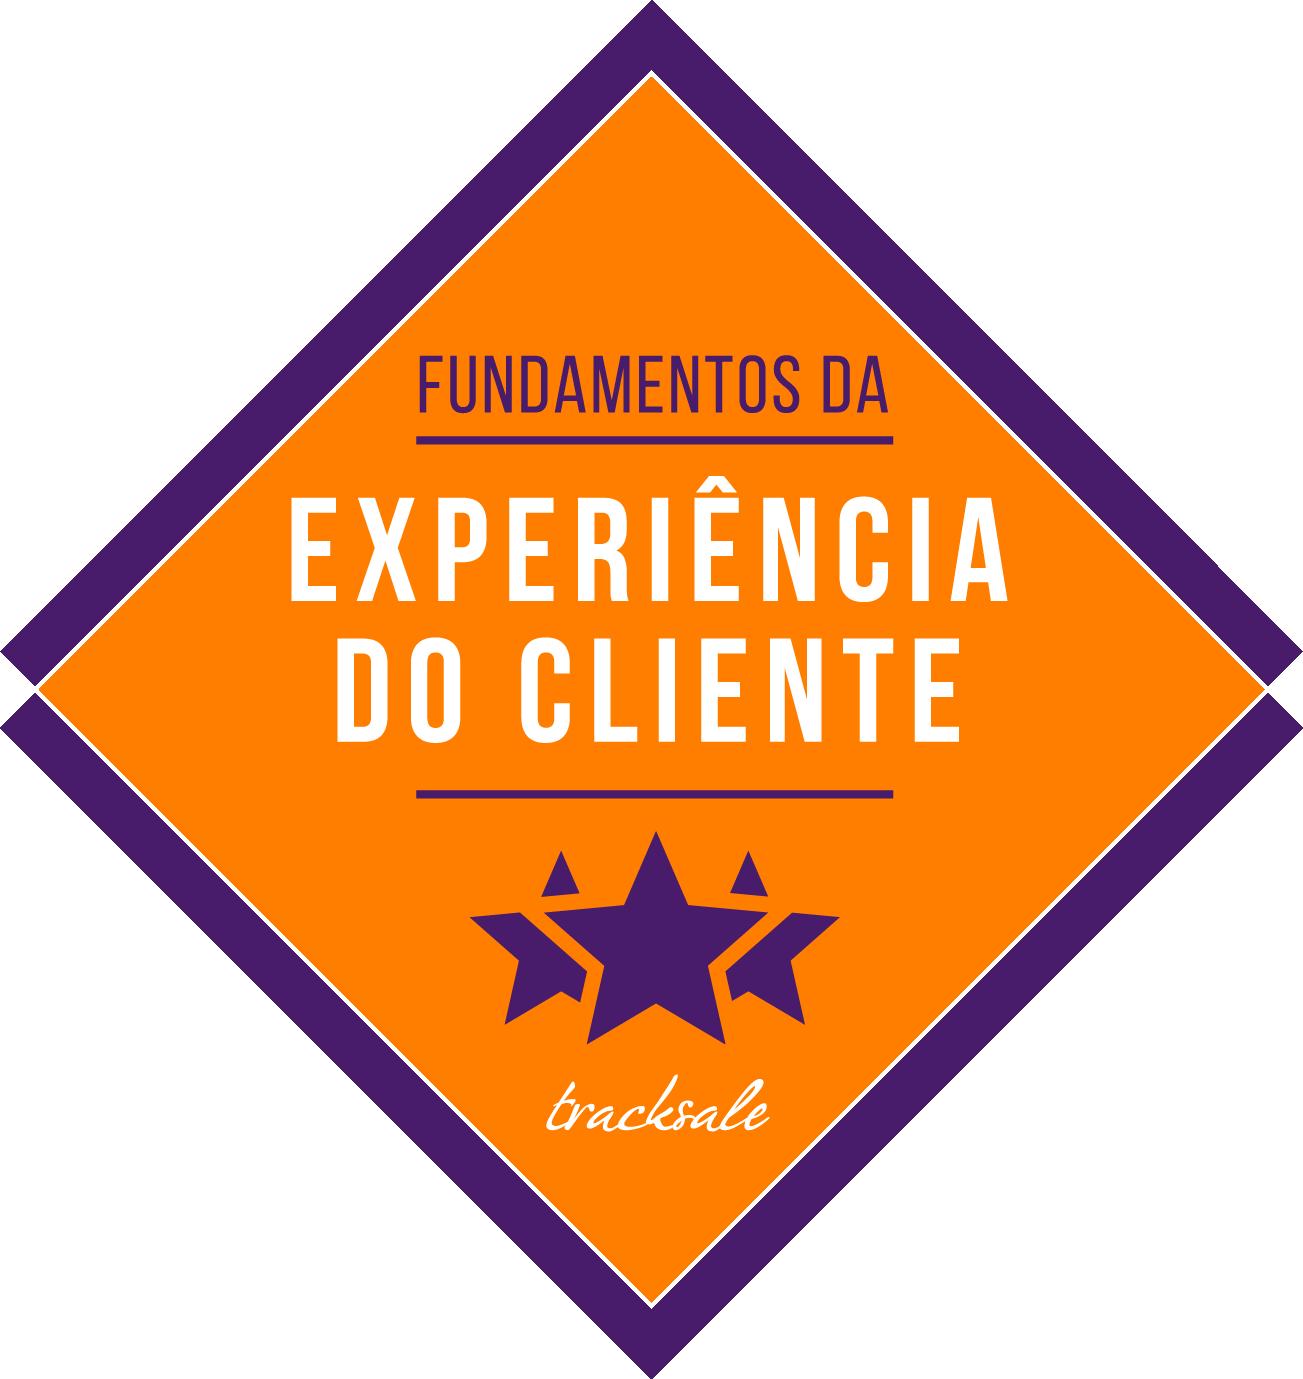 Certificação em Fundamentos da Experiência do Cliente - Track.co